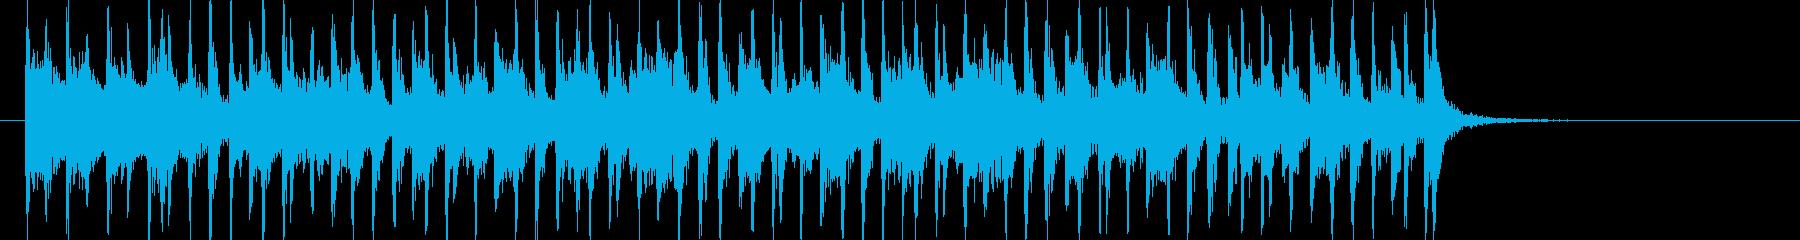 ワクワクする明るいポップの再生済みの波形